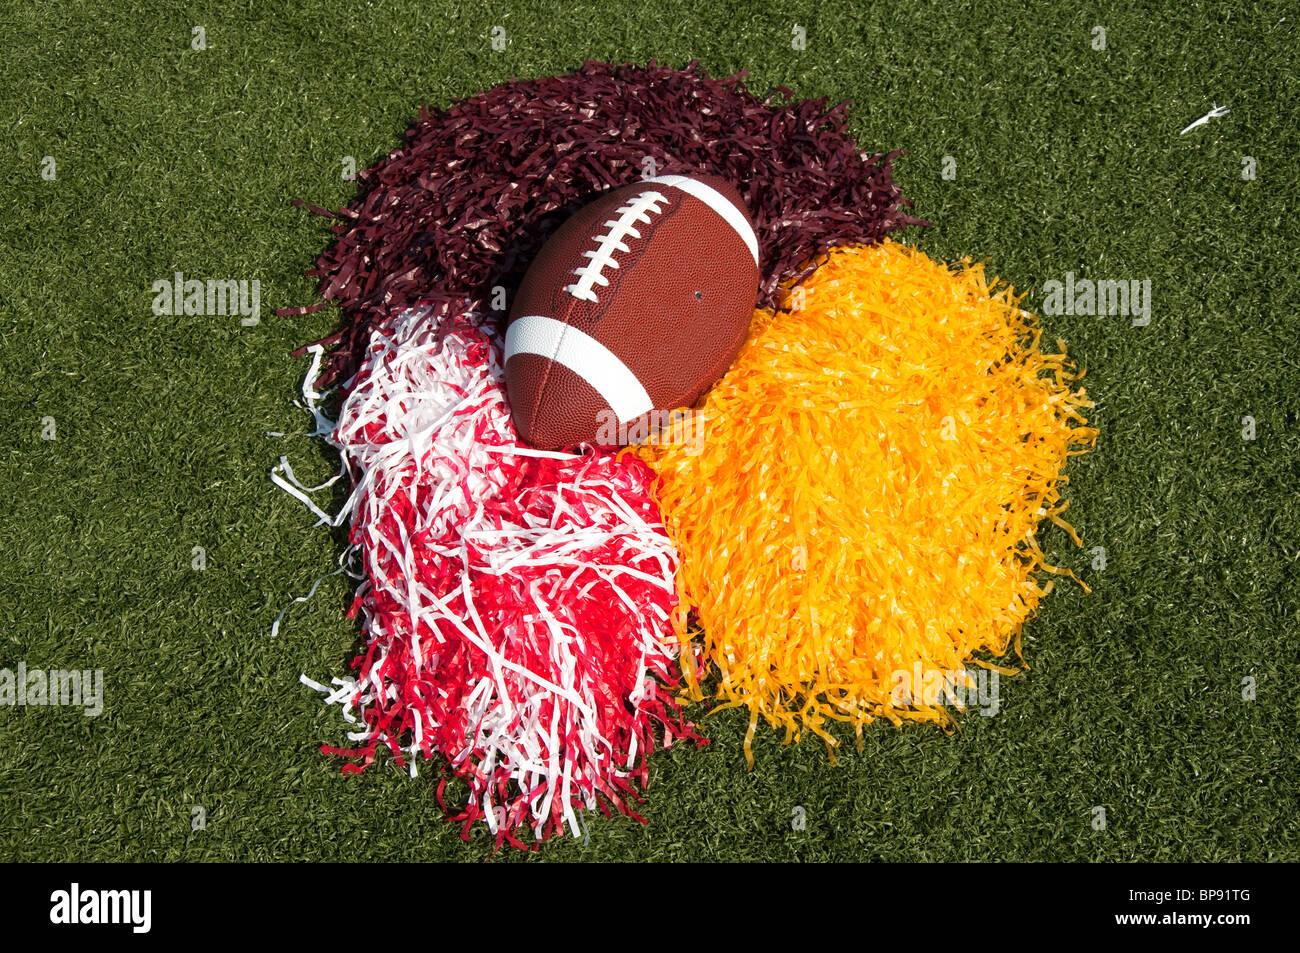 Fútbol americano y pom poms en campo. Imagen De Stock